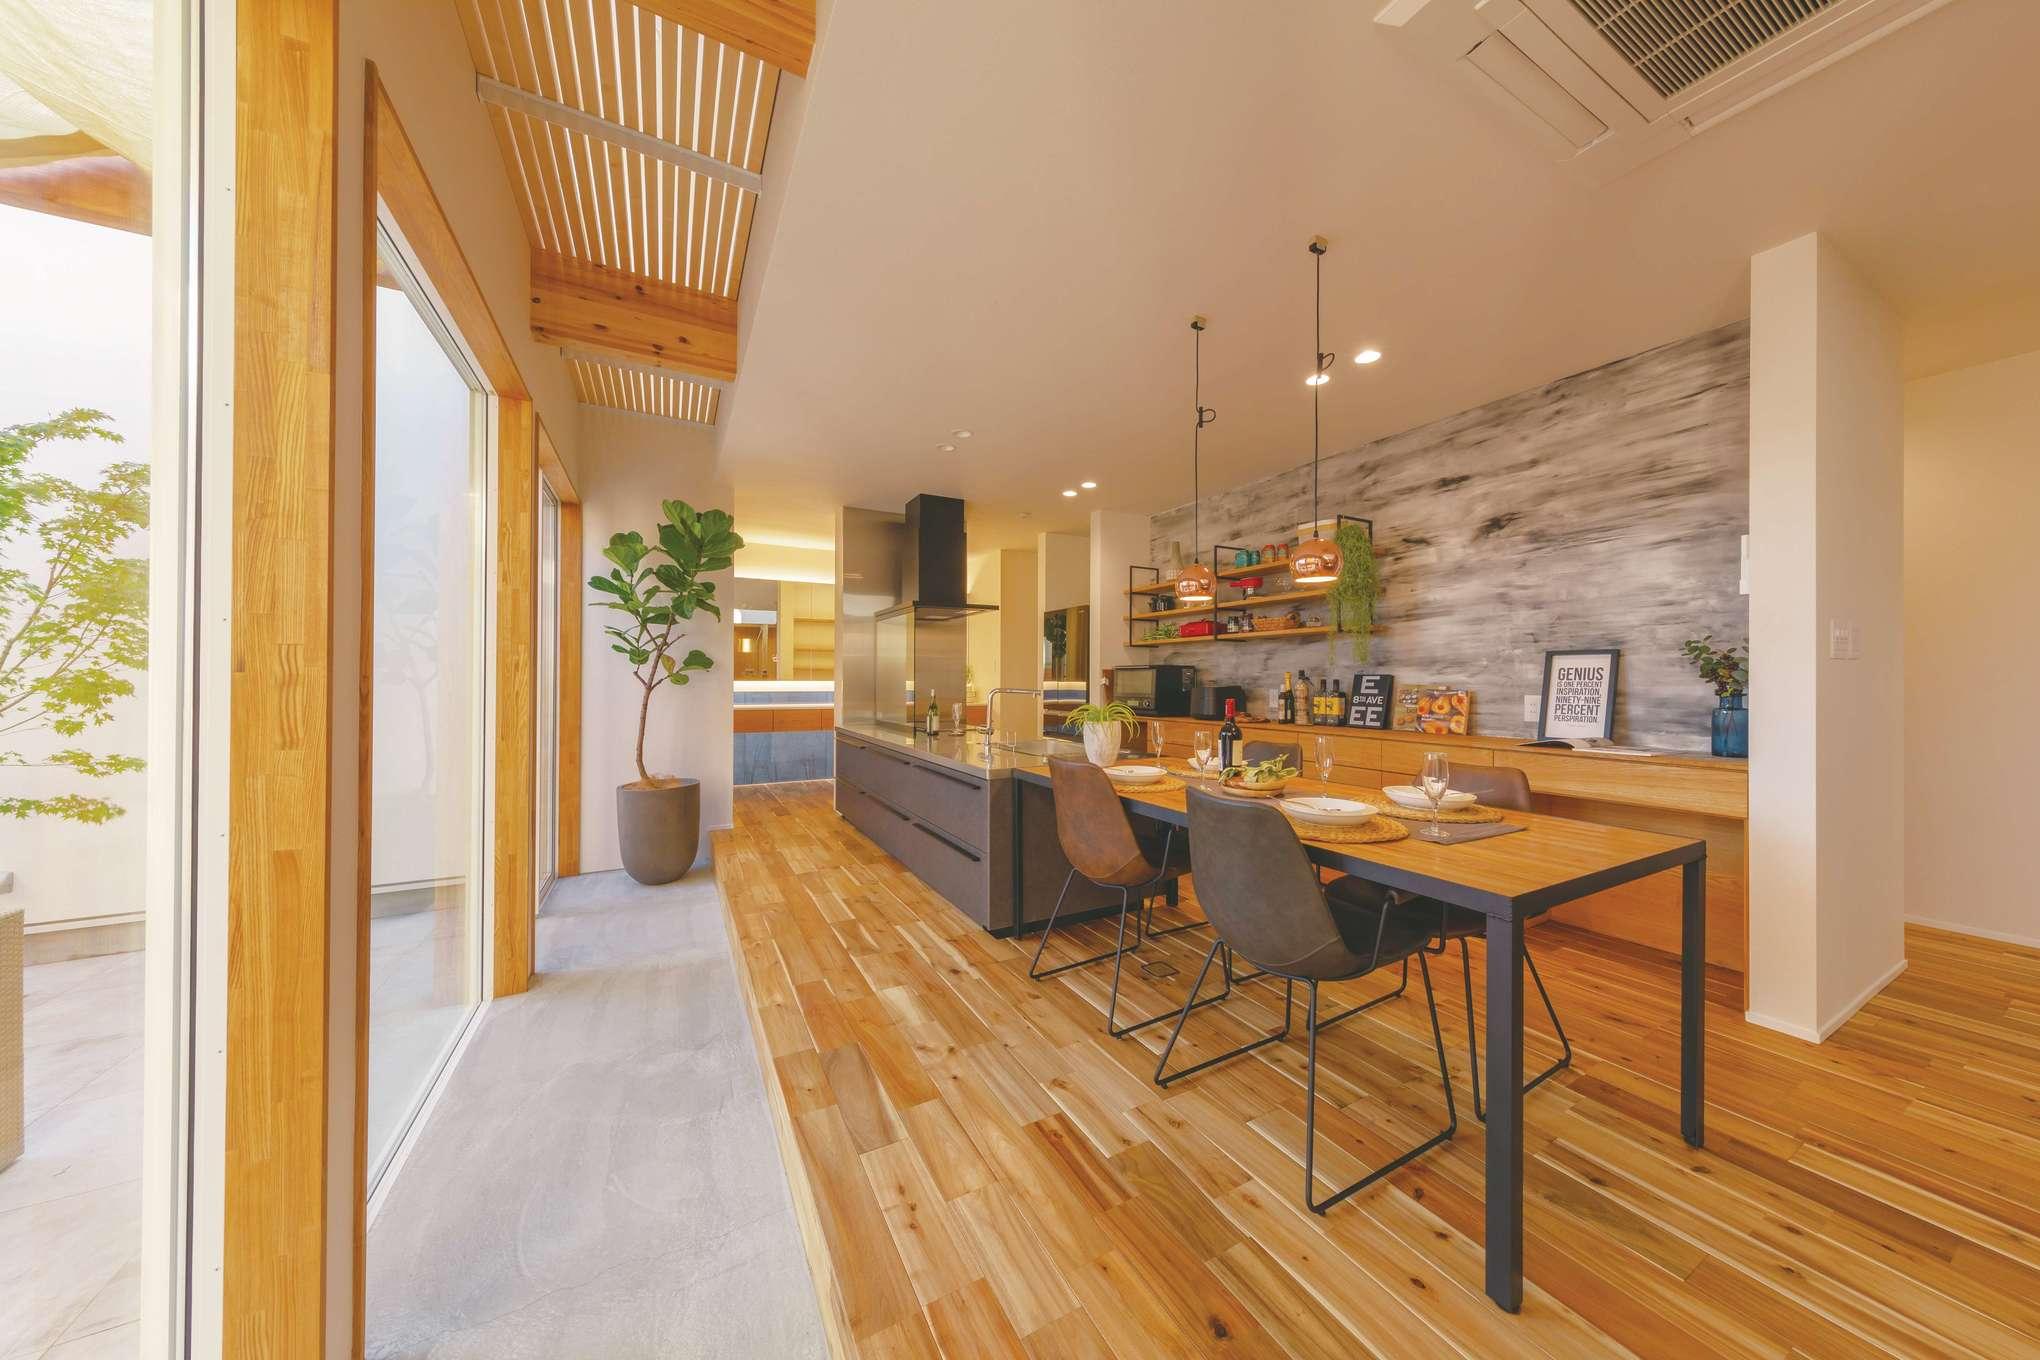 玄関を入るとフロート状のLDKと奥に延びる土間が。大きな窓から自然光が入る明るい空間。キッチンからは室内もテラスも見渡せ、子どもの様子も見守れる